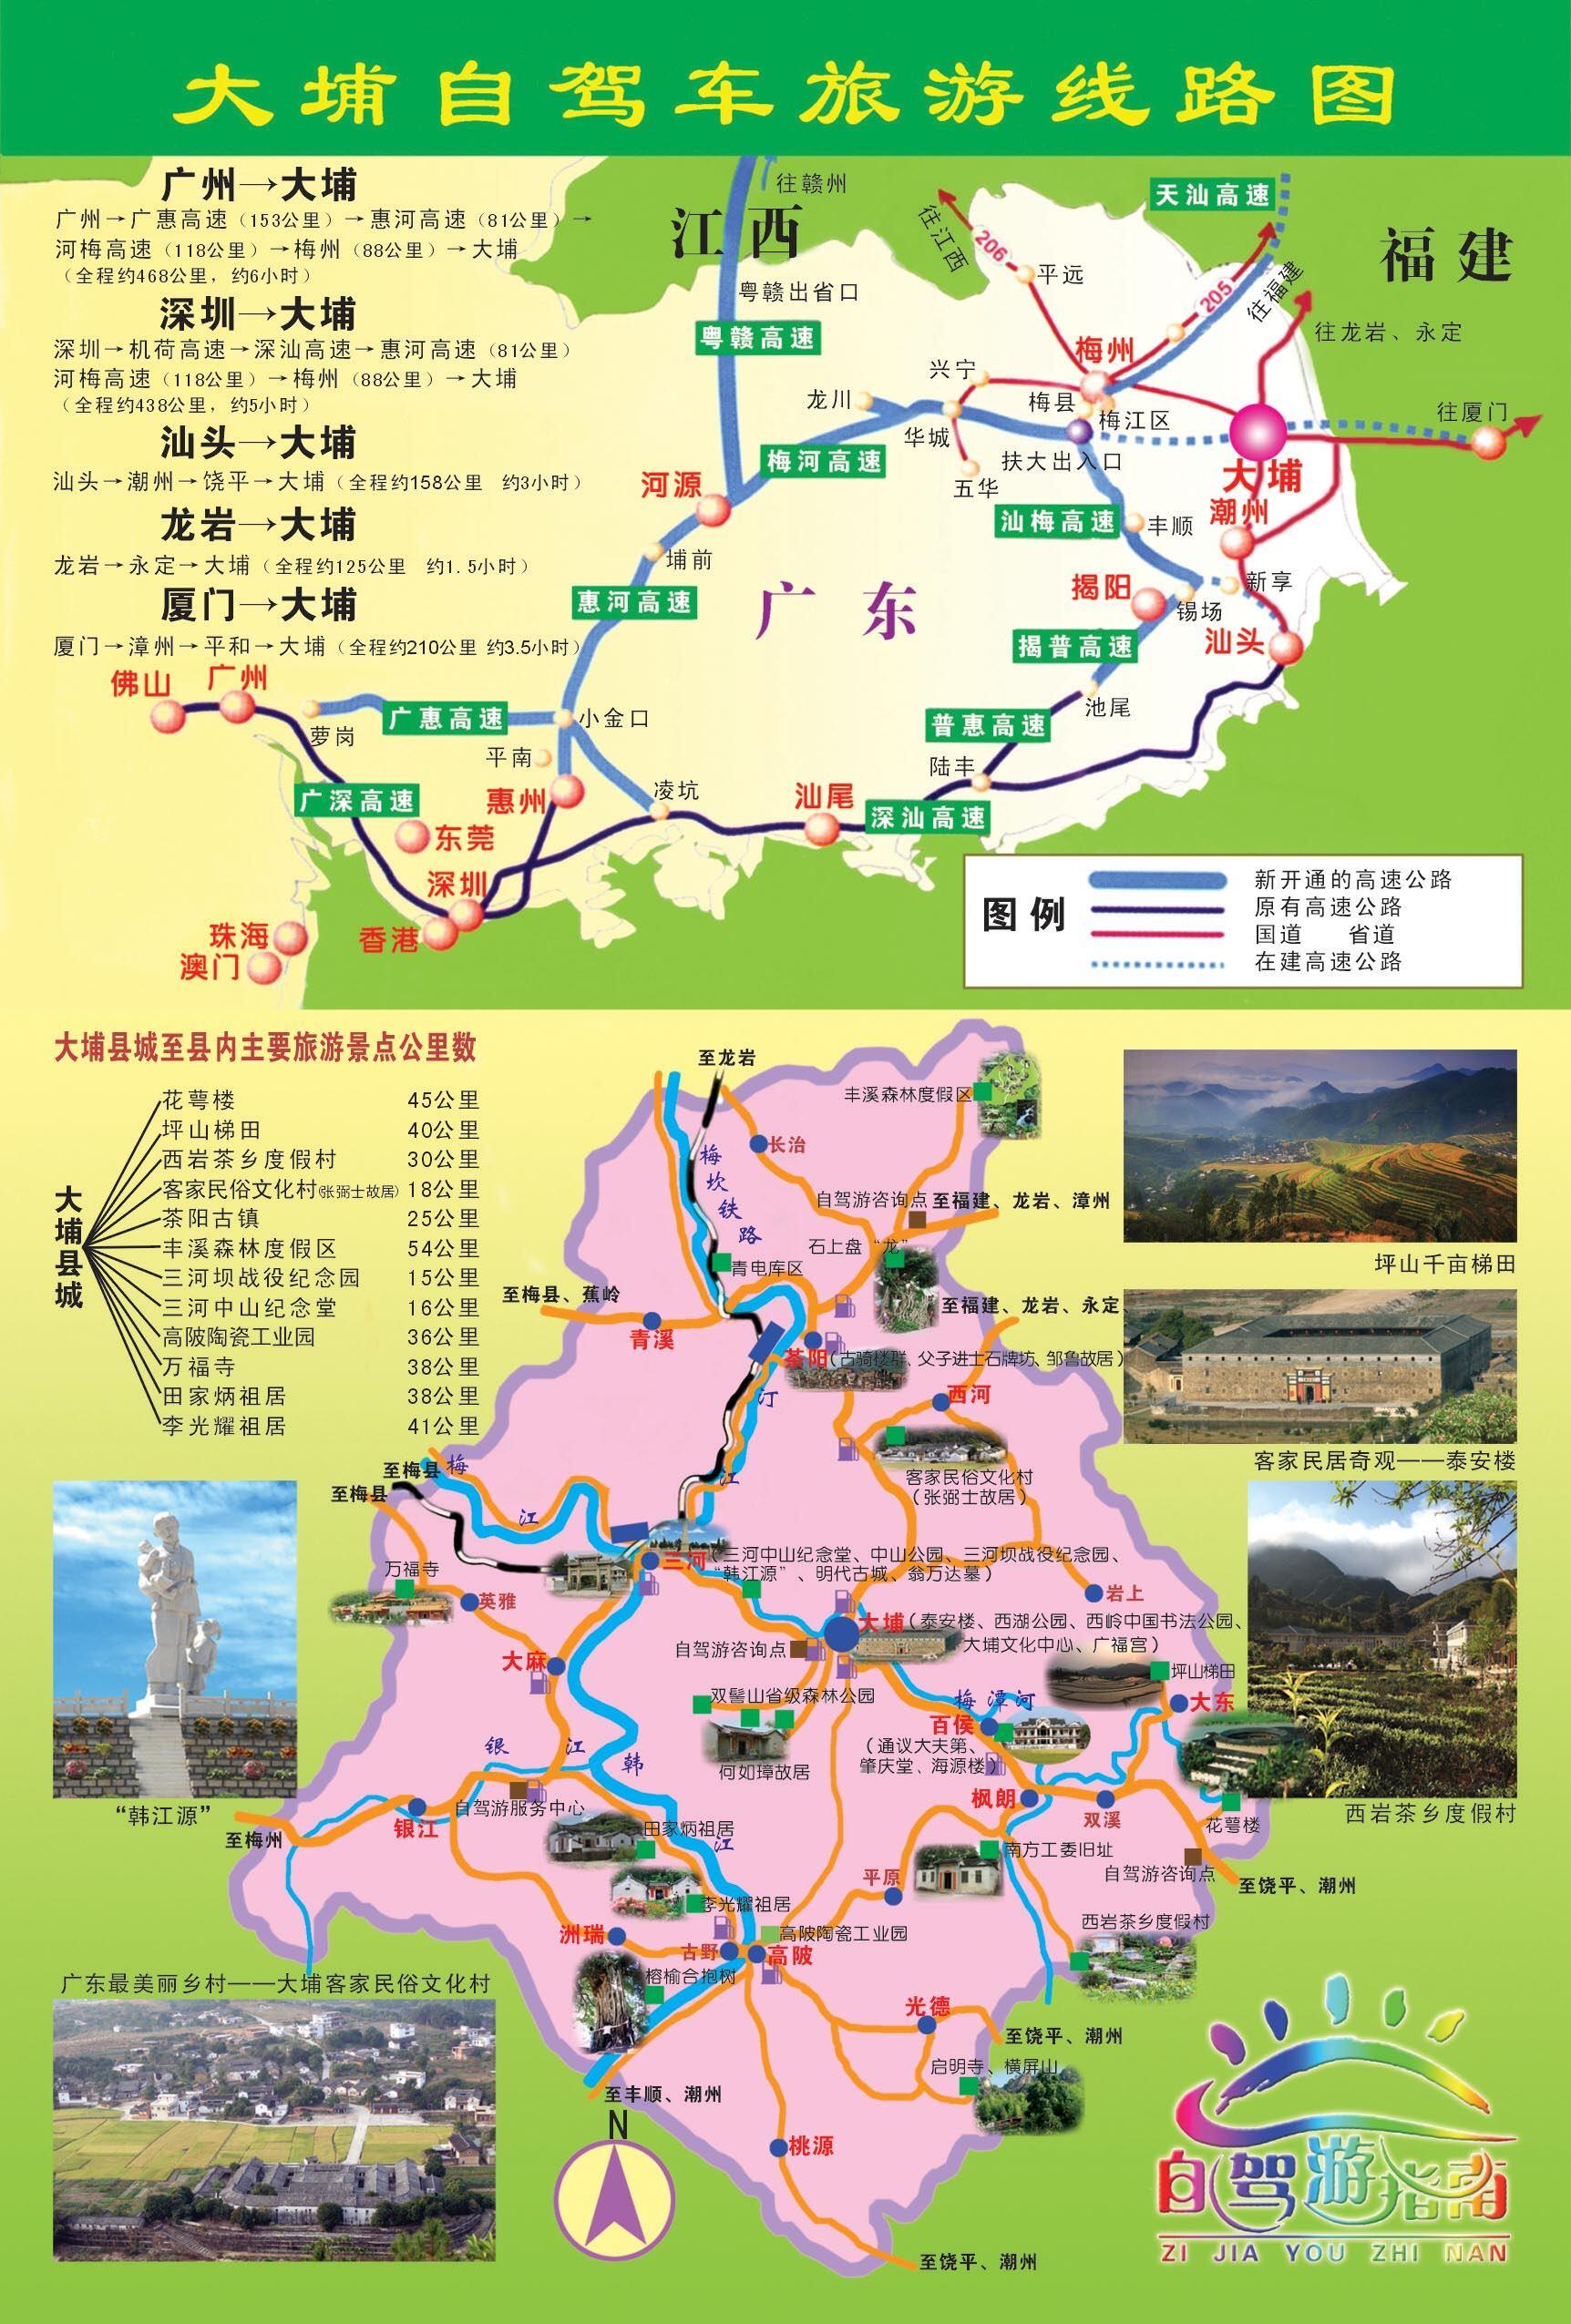 大埔县自驾车旅游线路图